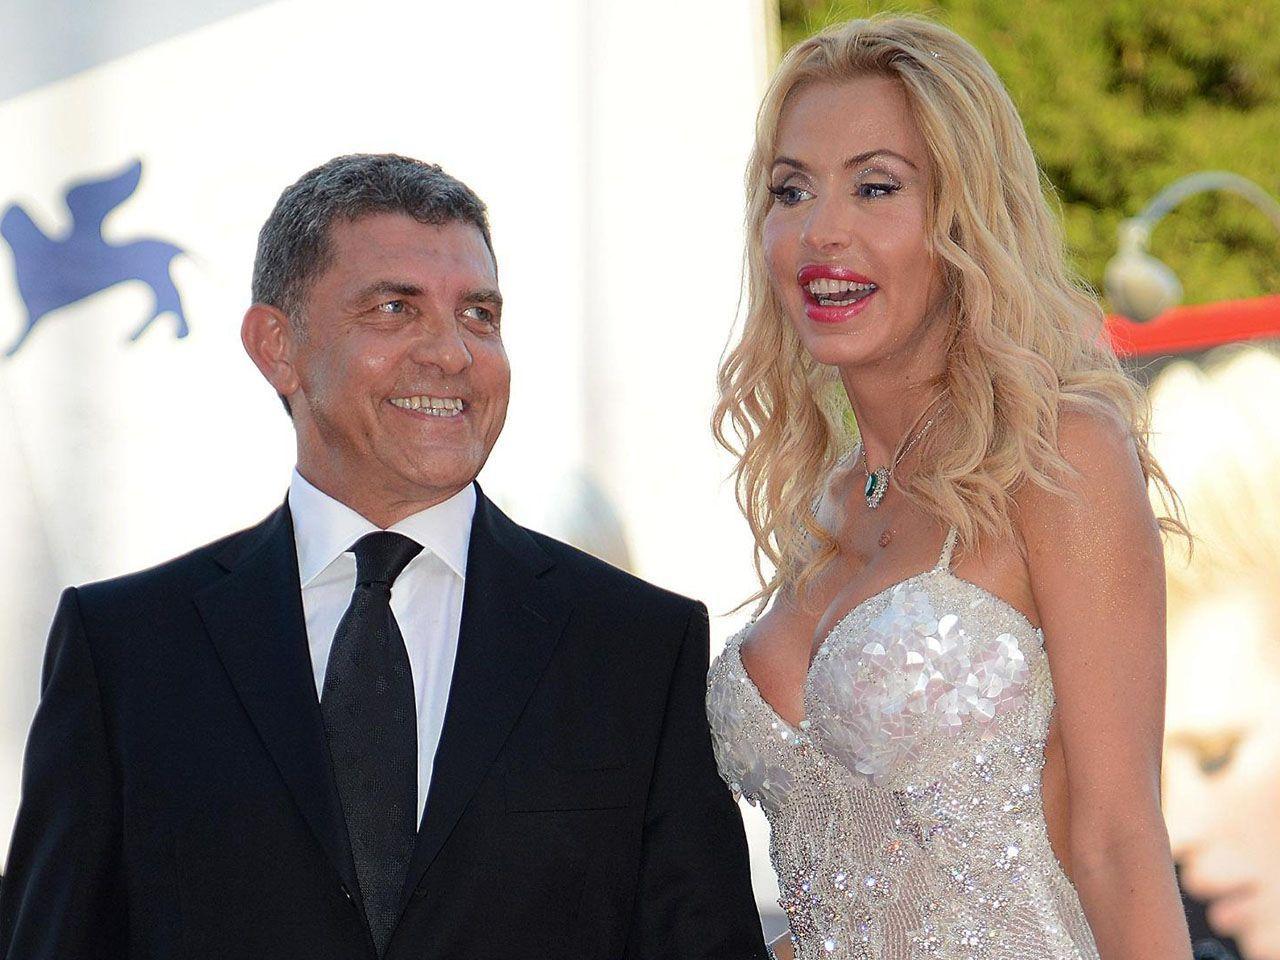 Giovanni Cottone: 'Valeria Marini mi ha sposato per interesse, io l'amavo'